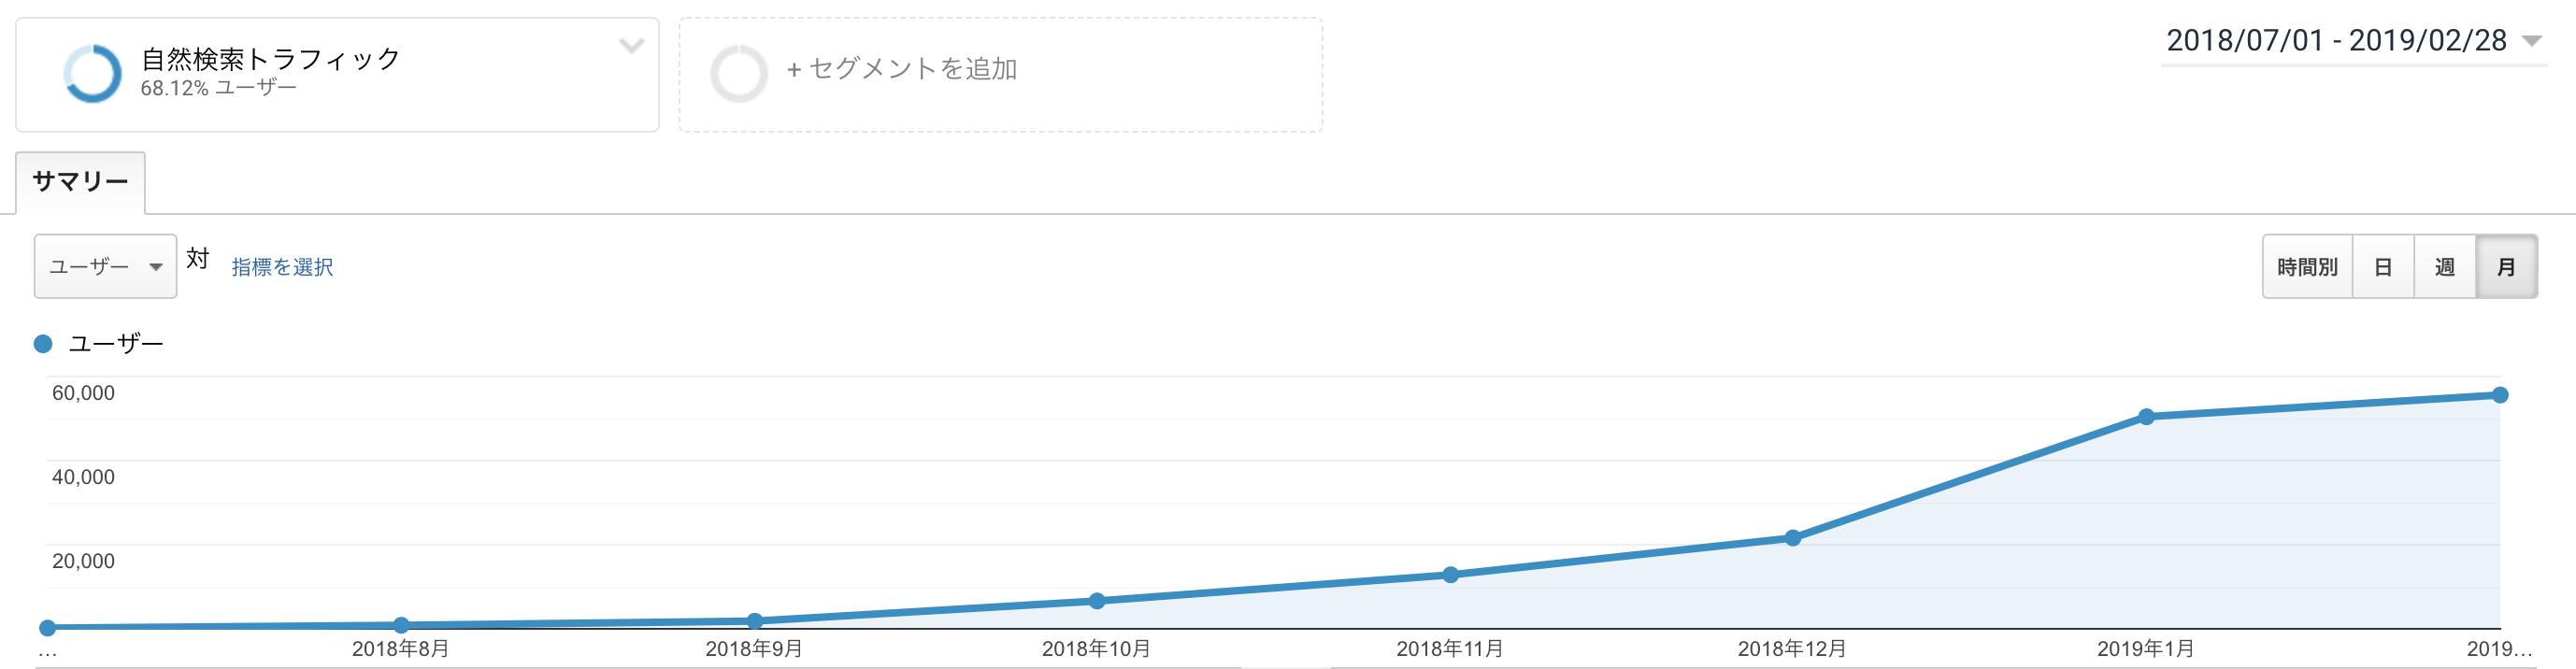 ツイッター集客によって検索流入数が増えたことを示したデータ